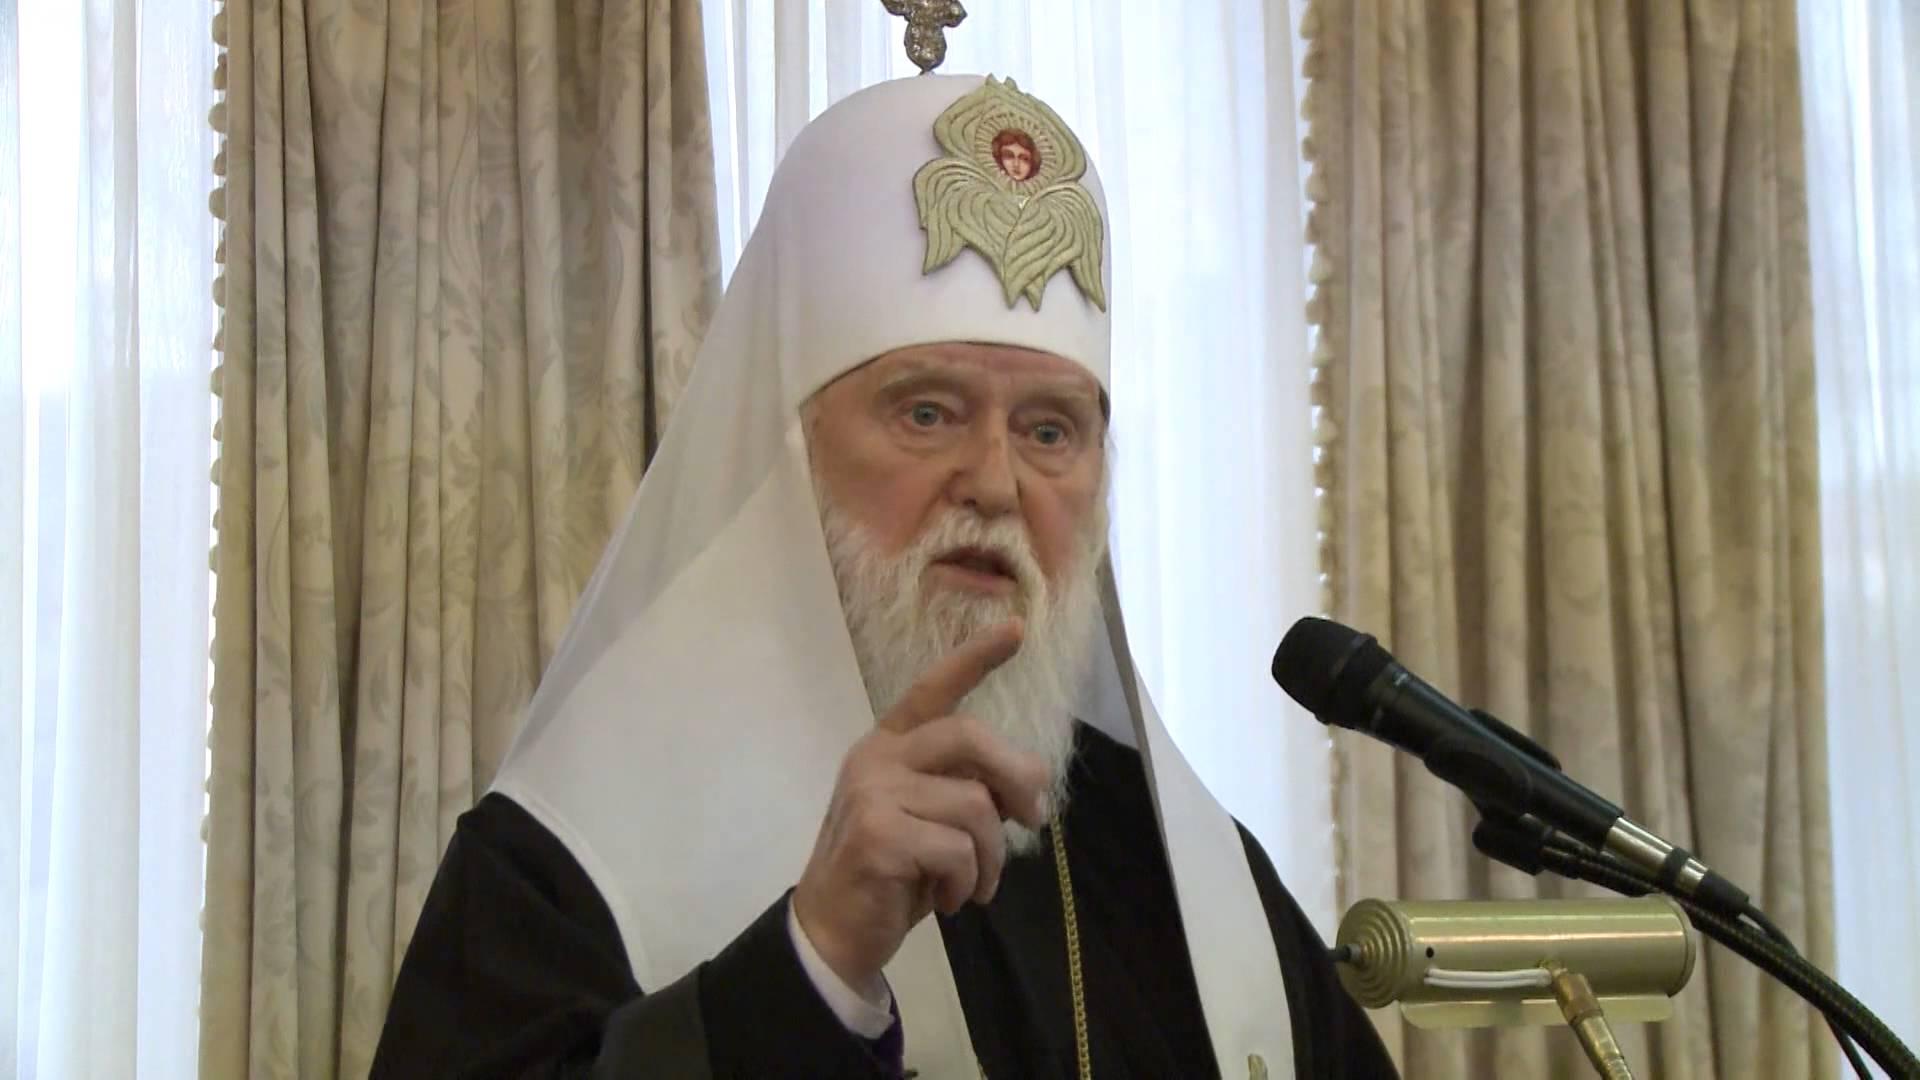 УПЦ получит автокефалию, уверен патриарх Филарет